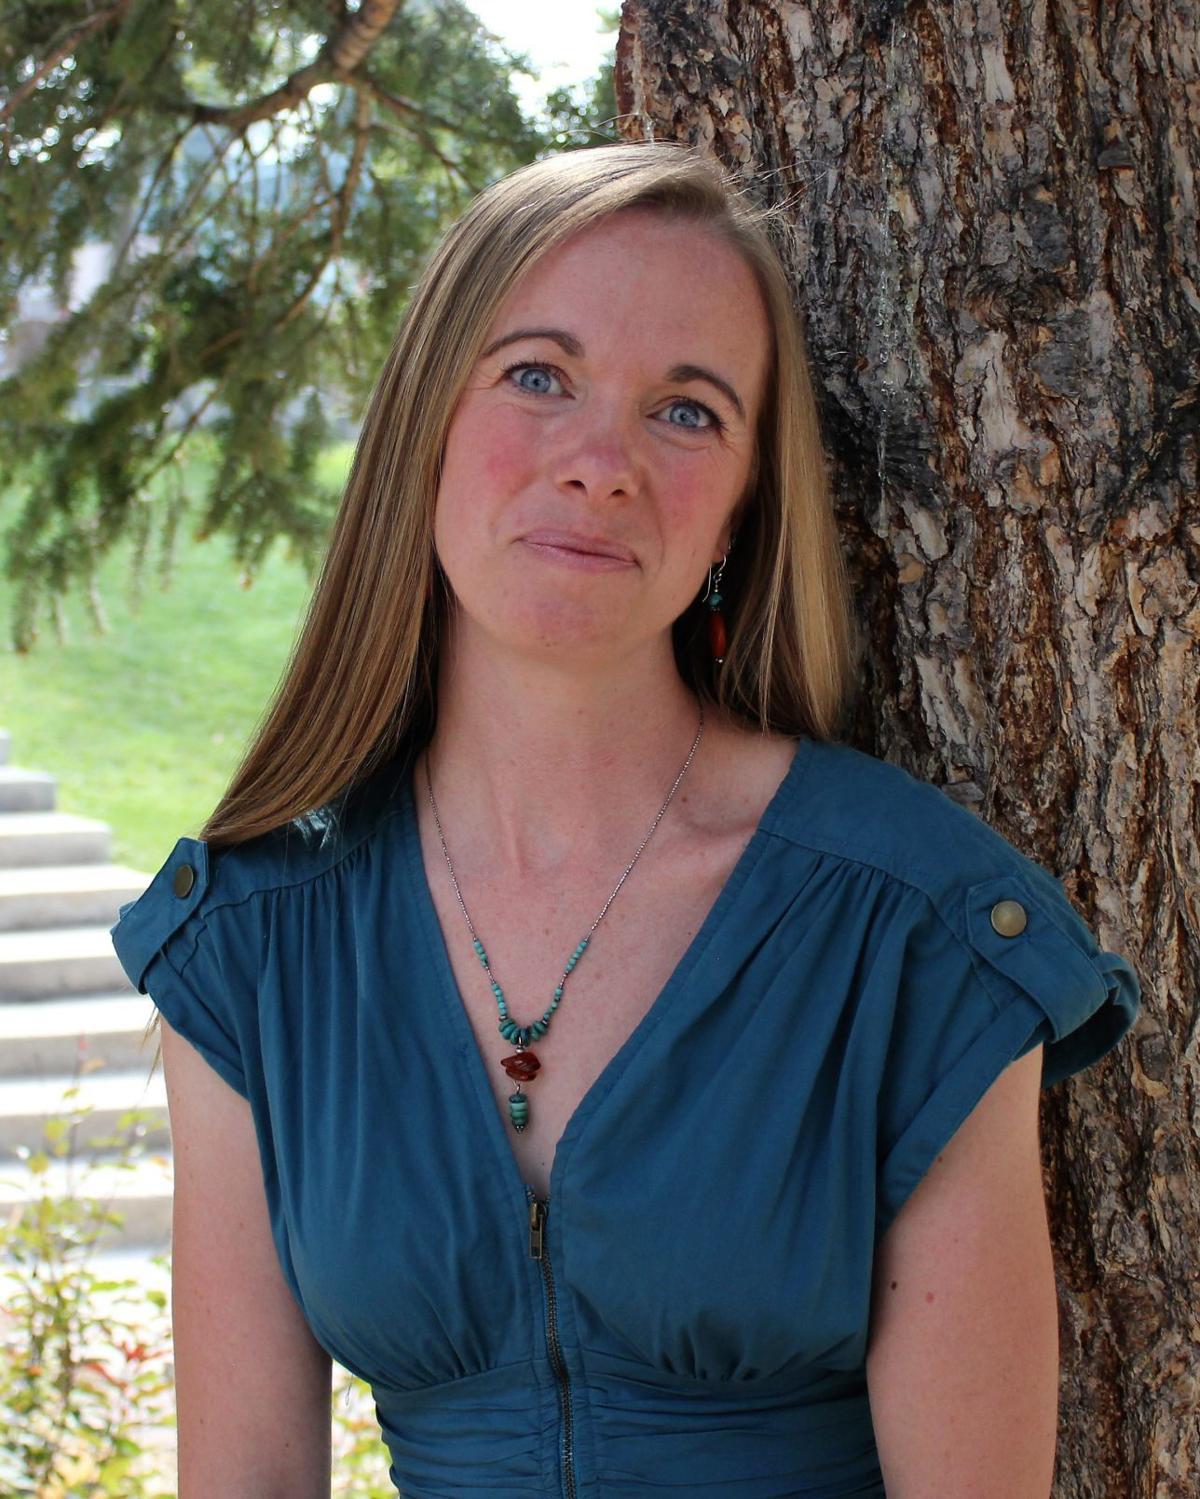 Rachel Carroll Rivas, Montana Human Rights Network